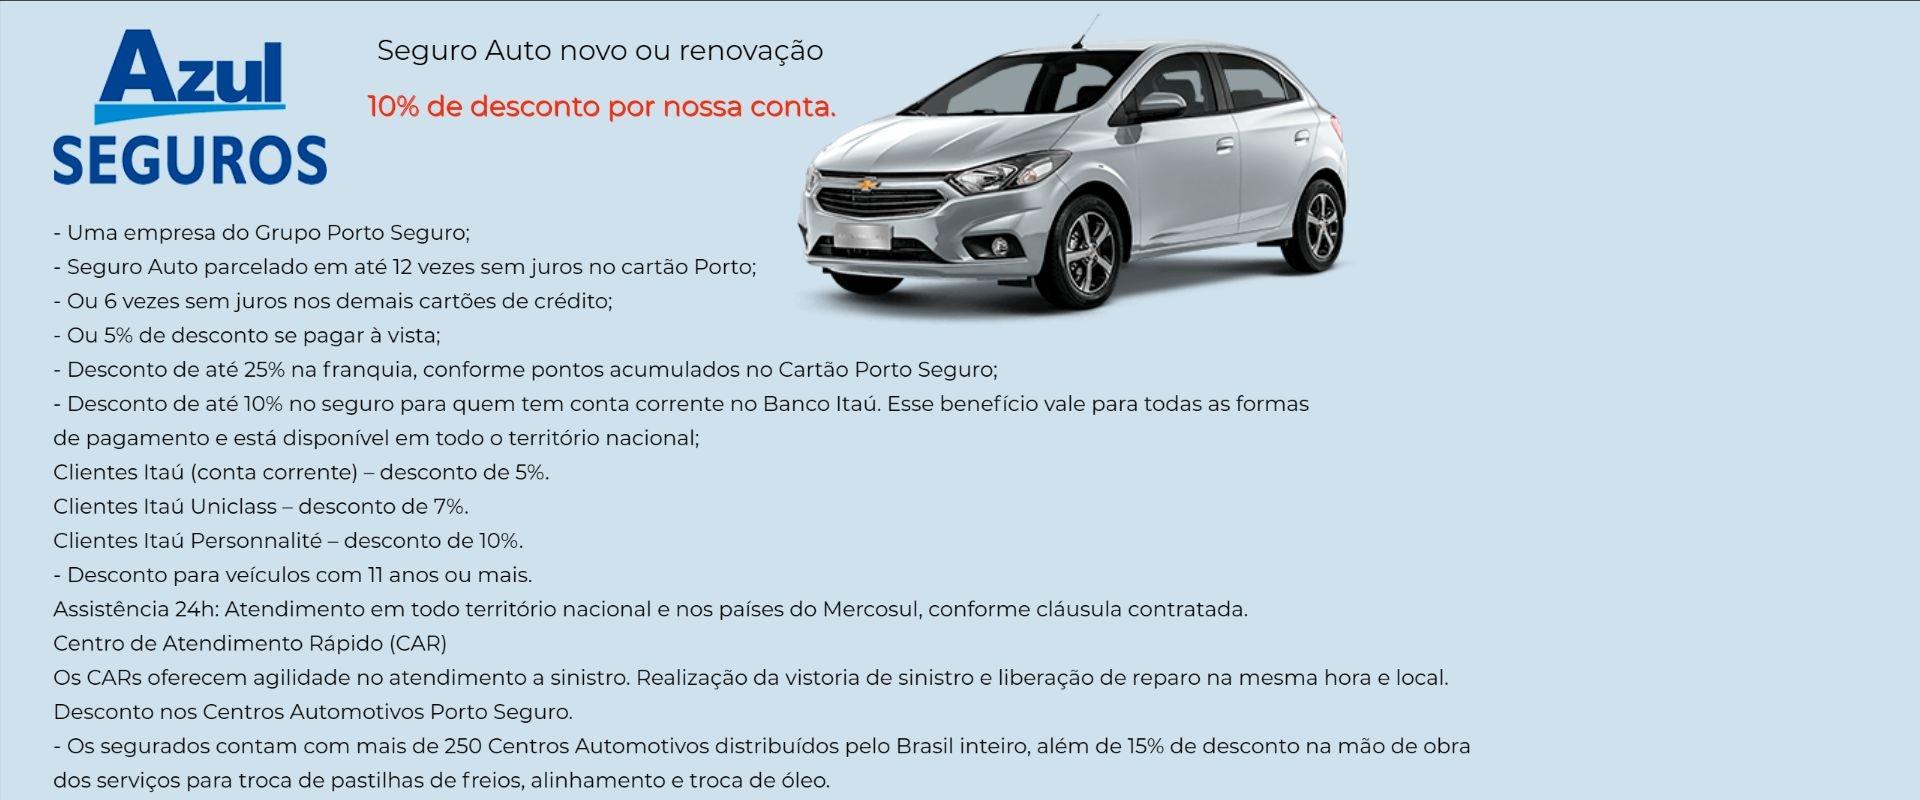 Azul Seguro Auto com Desconto em Vargem Grande Paulista